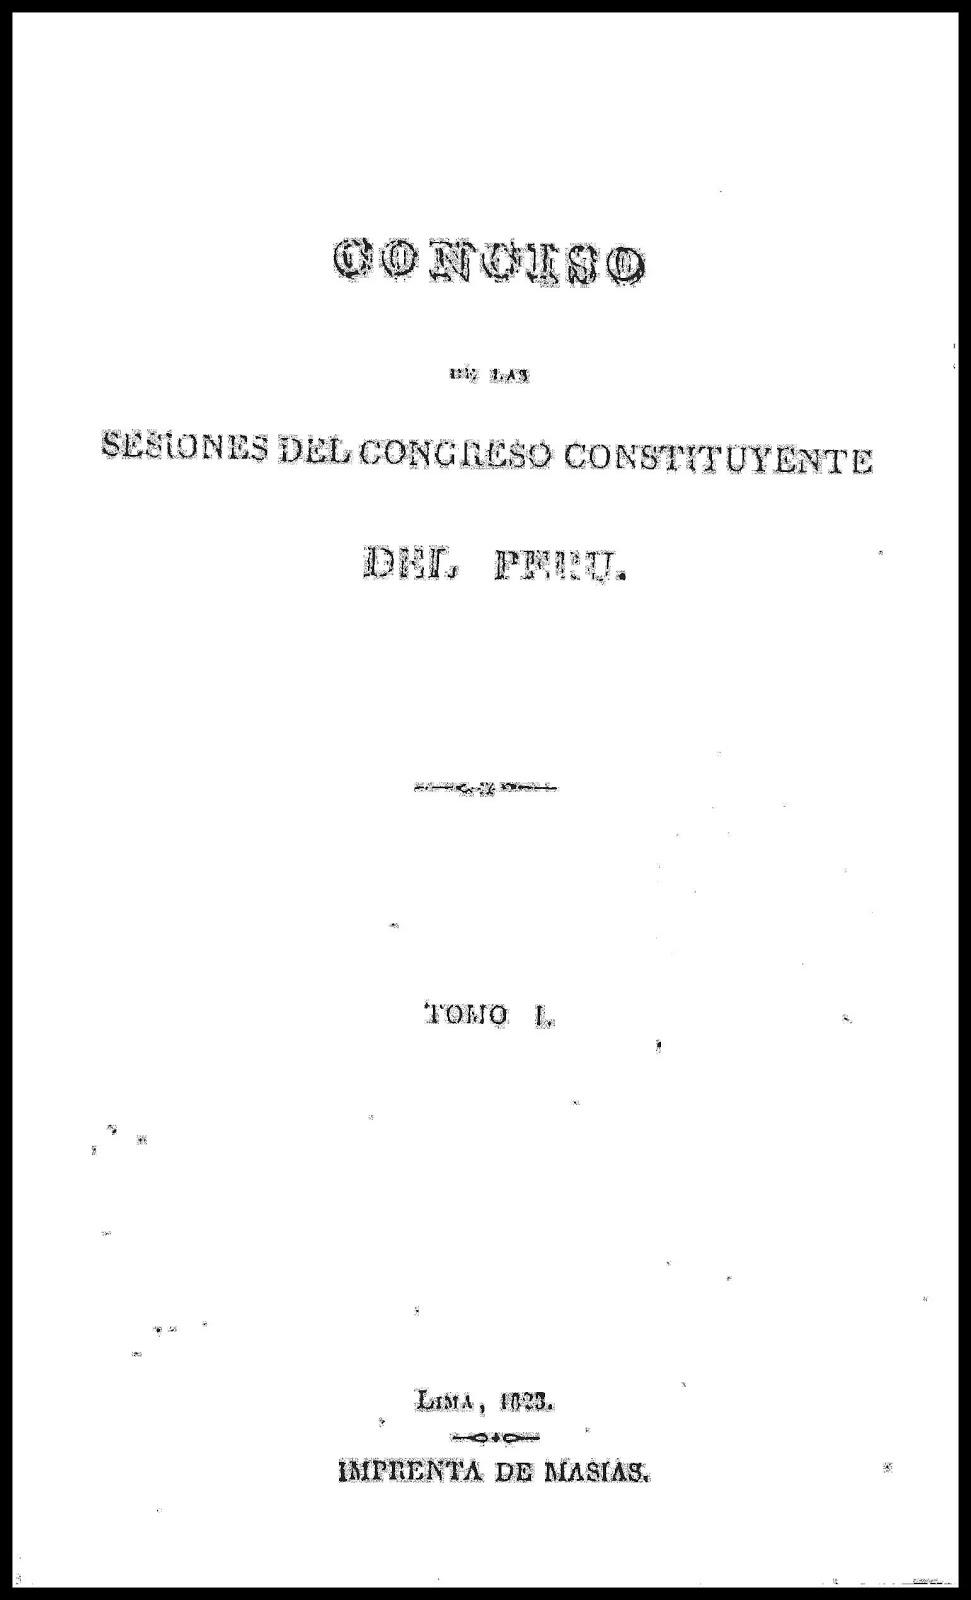 Conciso de las Sesiones del Congreso Constituyente del Perú 1823